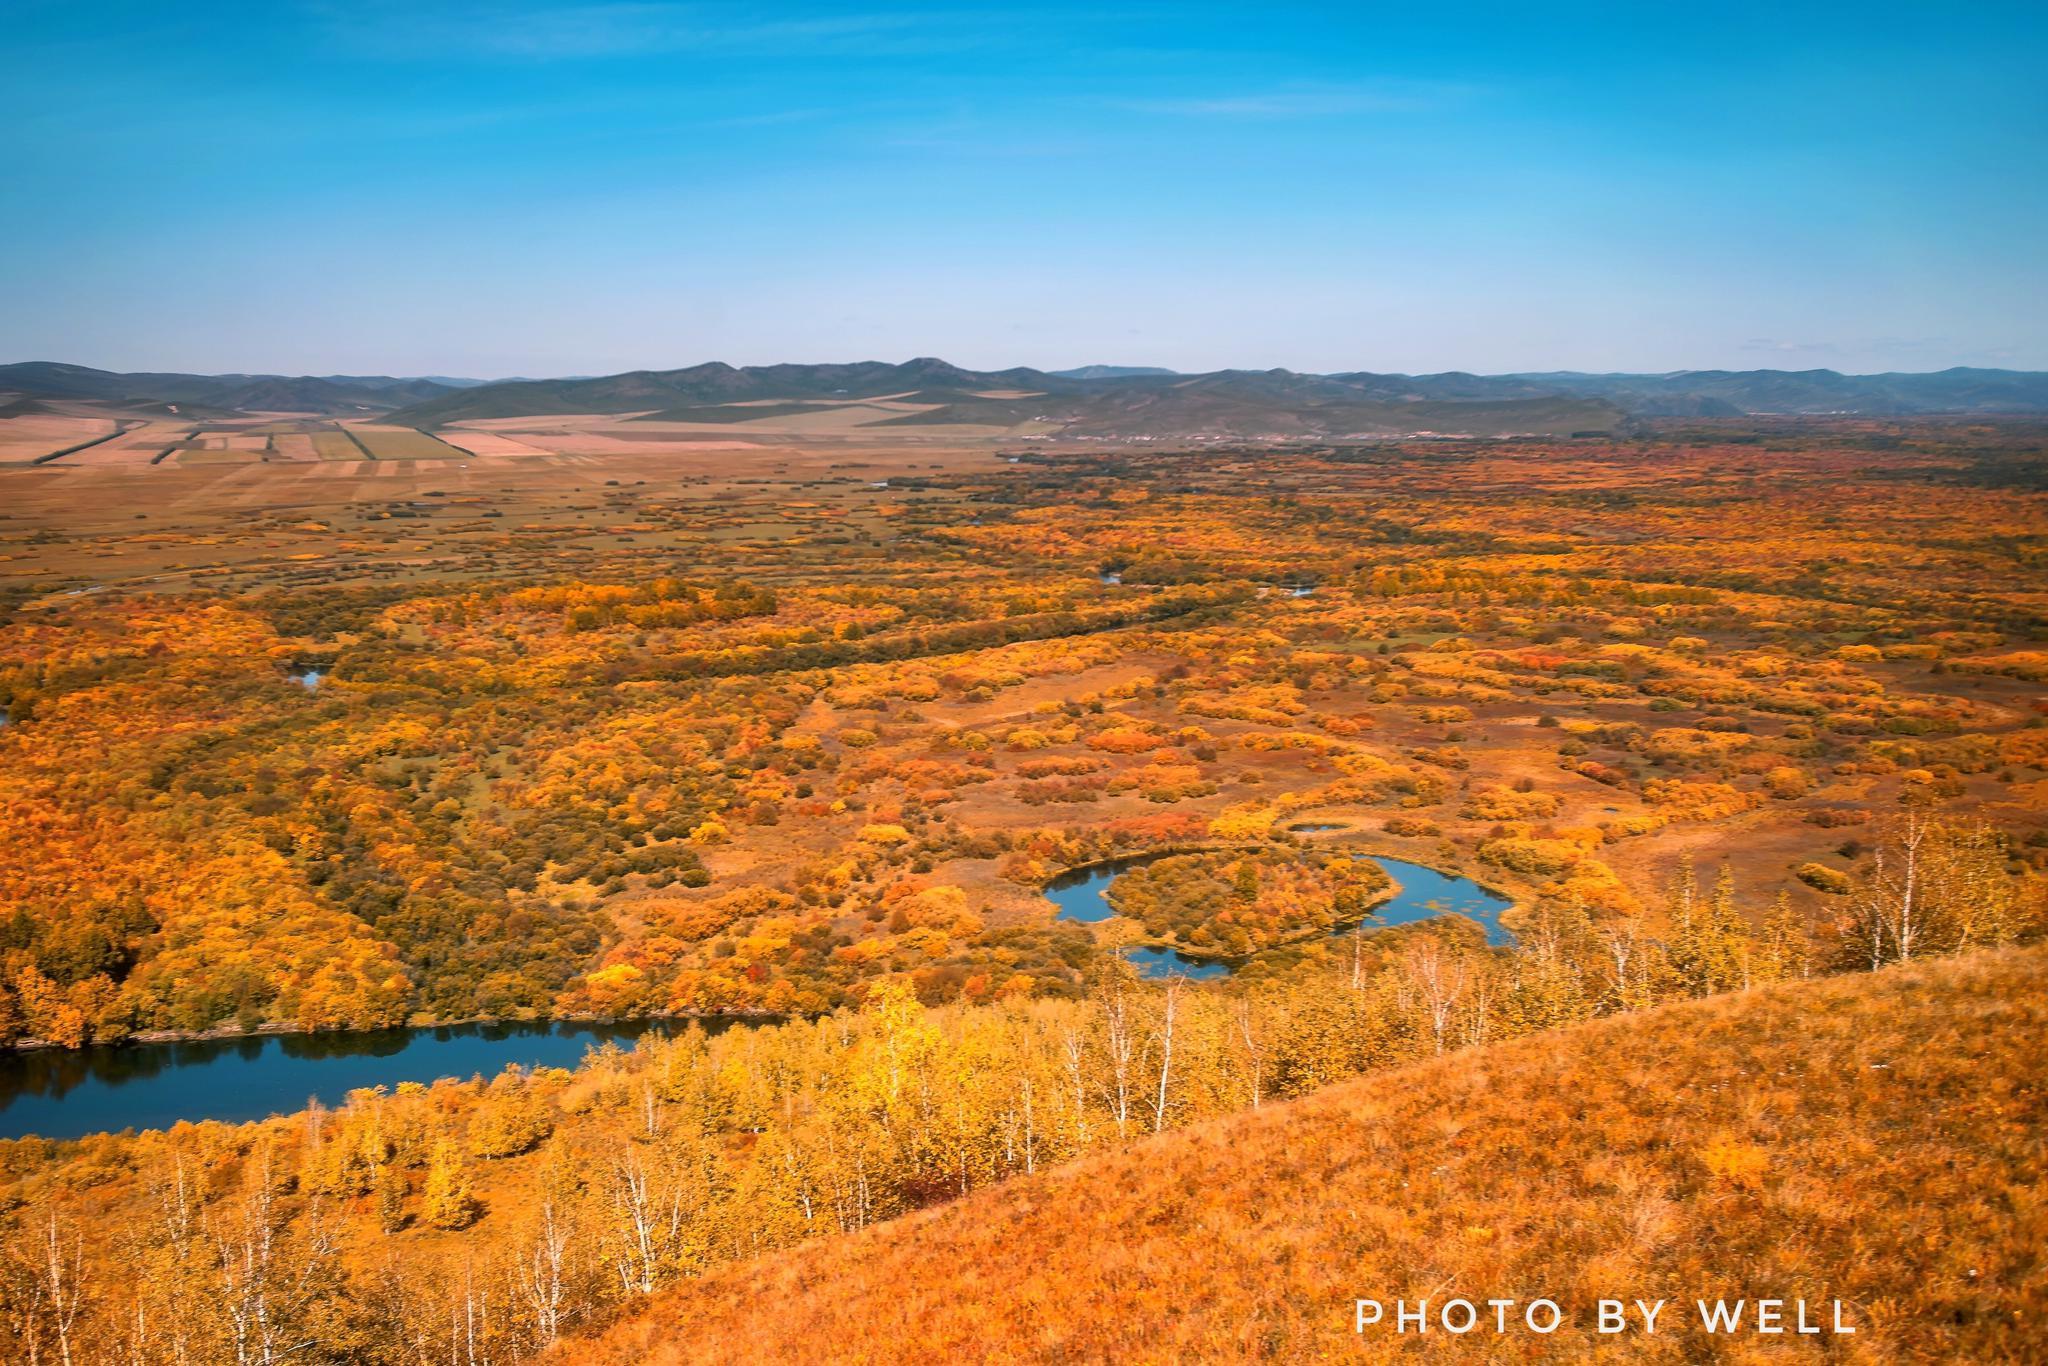 额尔古纳湿地秋色——油画般的草原、森林、河流,金秋时节